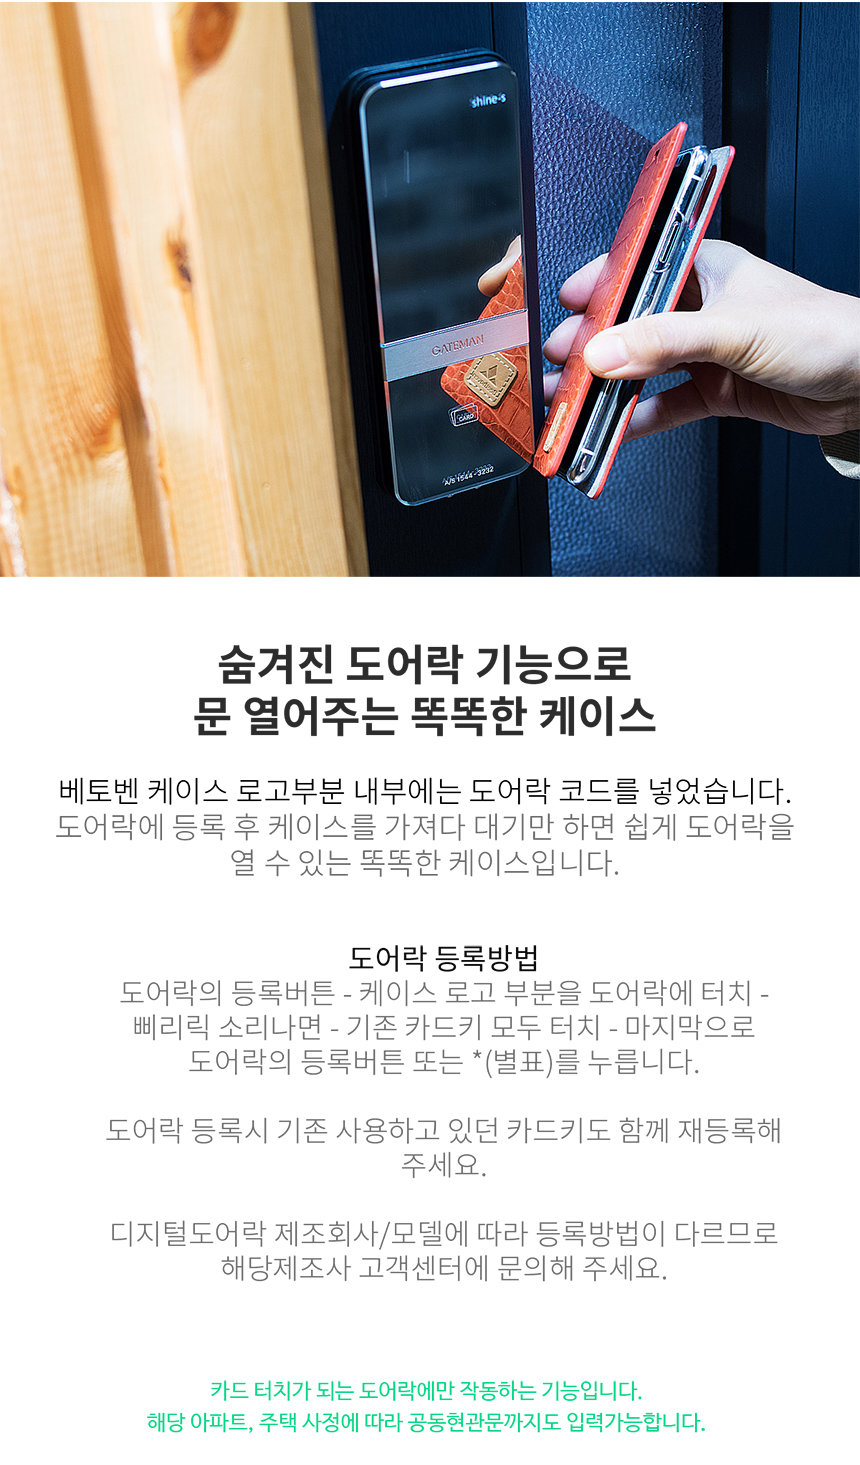 갤럭시 A7 2018 다이어리 케이스 sm-a750-도어락 해제 기능 - 베토벤, 22,000원, 케이스, 기타 갤럭시 제품